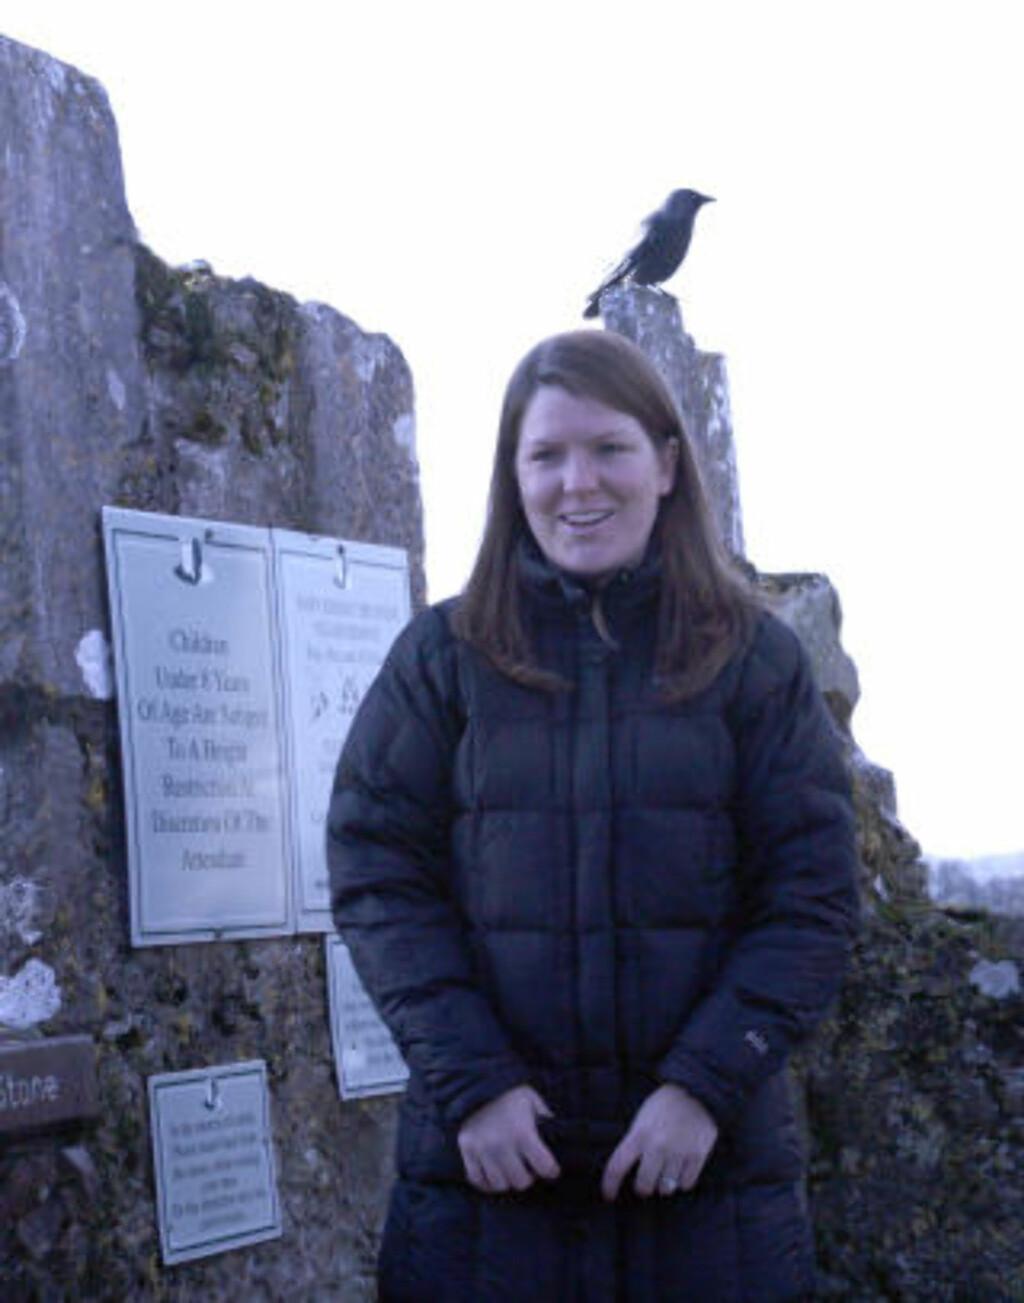 SKUMMELT: Med en ekte slottsravn i bakgrunnen, er kulissene om Blarney-steinen riktig skumle. Amerikanske Megan Yarbrough lot seg ikke skremme og kysset steinen, uten hemninger. Foto: Eivind Pedersen